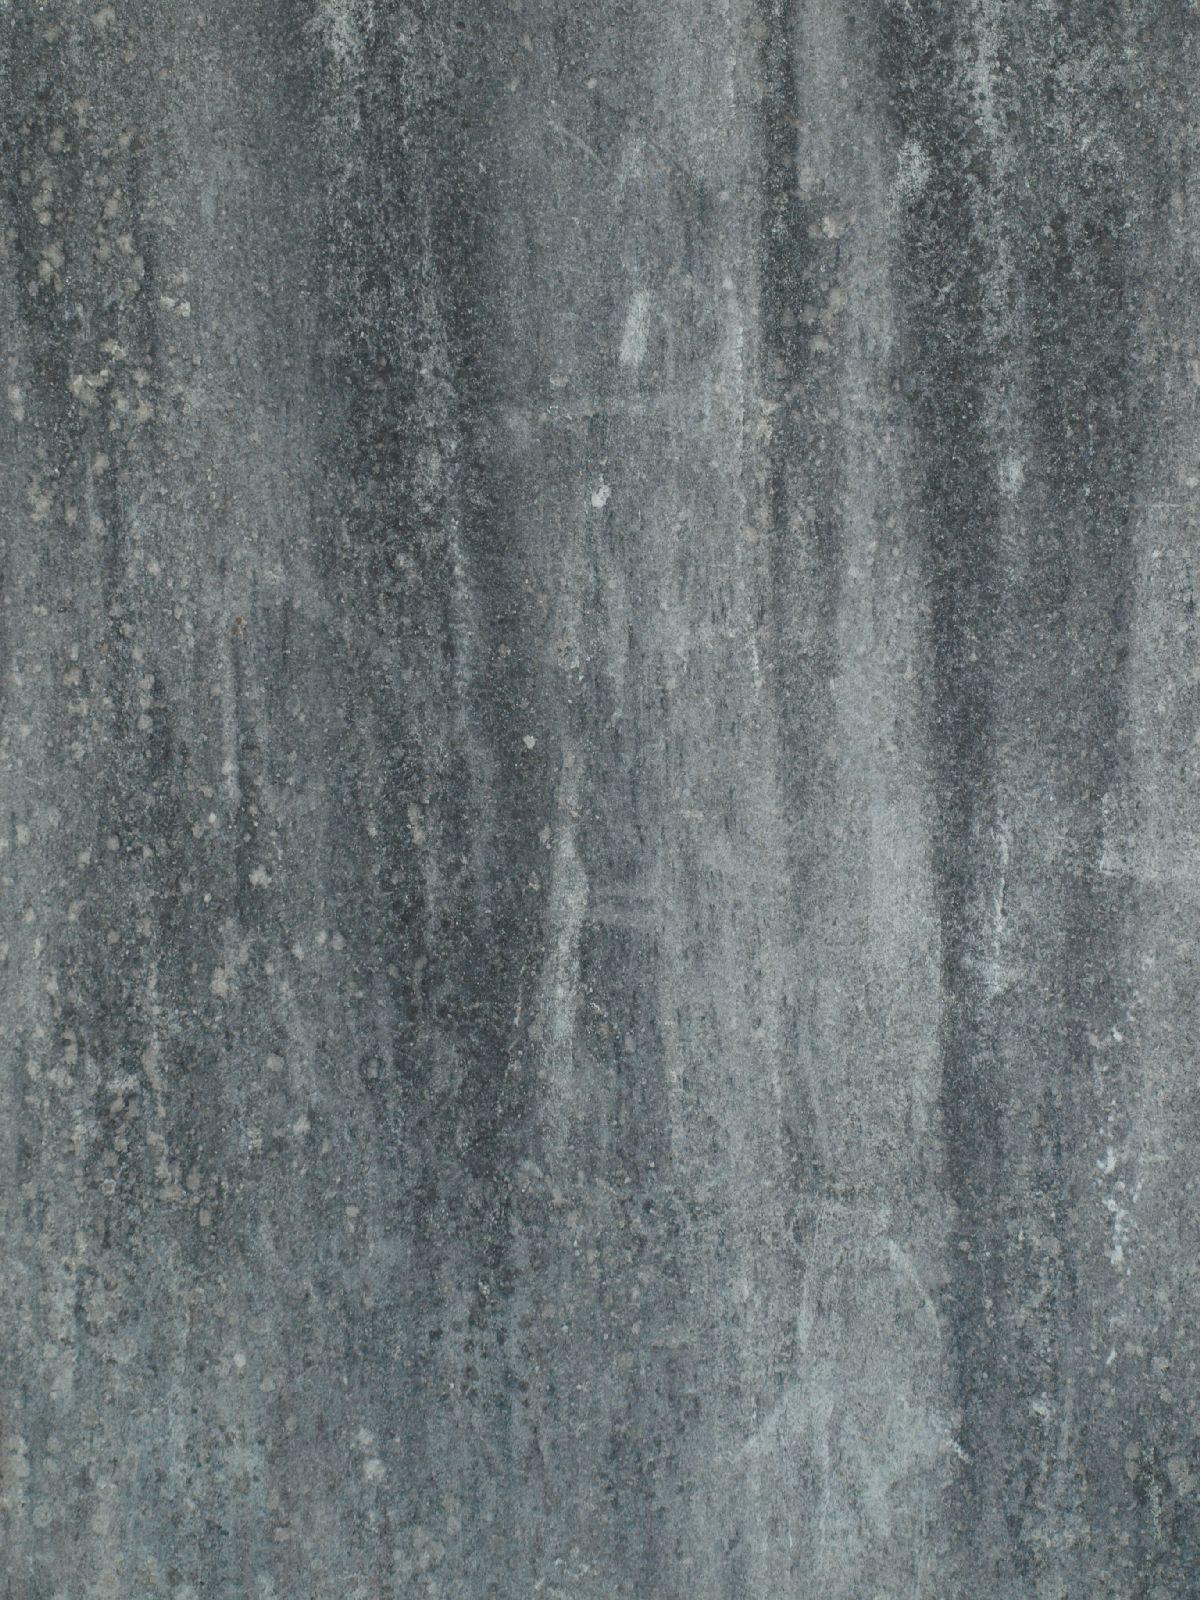 Grunge-Dreck_Textur_A_PA116025